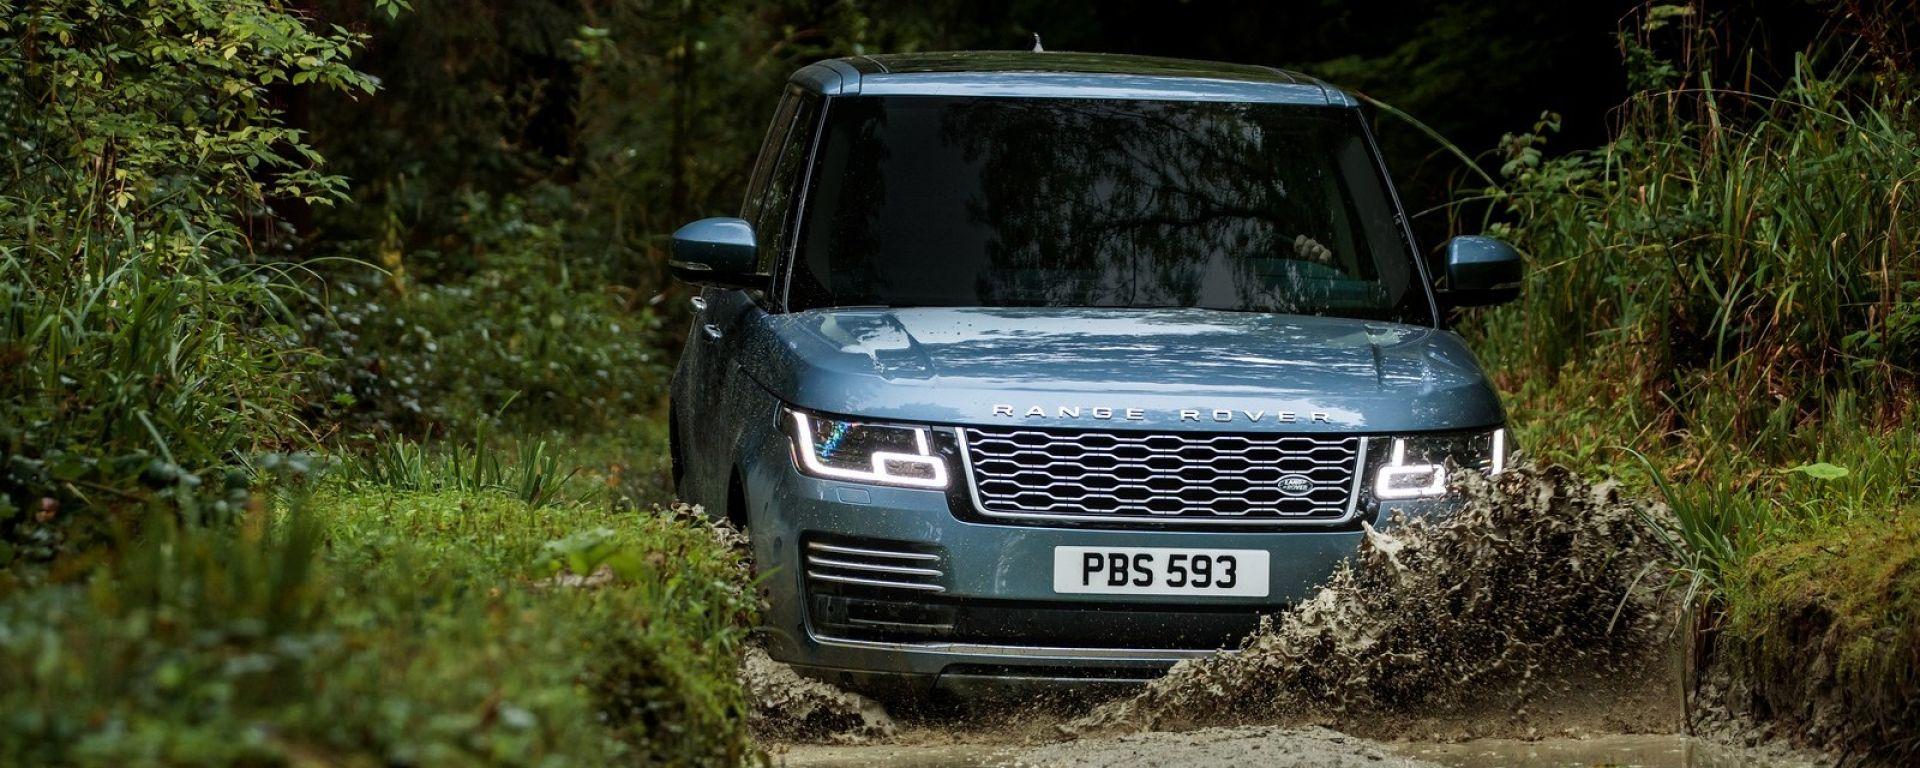 Nuova Range Rover 2018: tutto quello che c'è da sapere